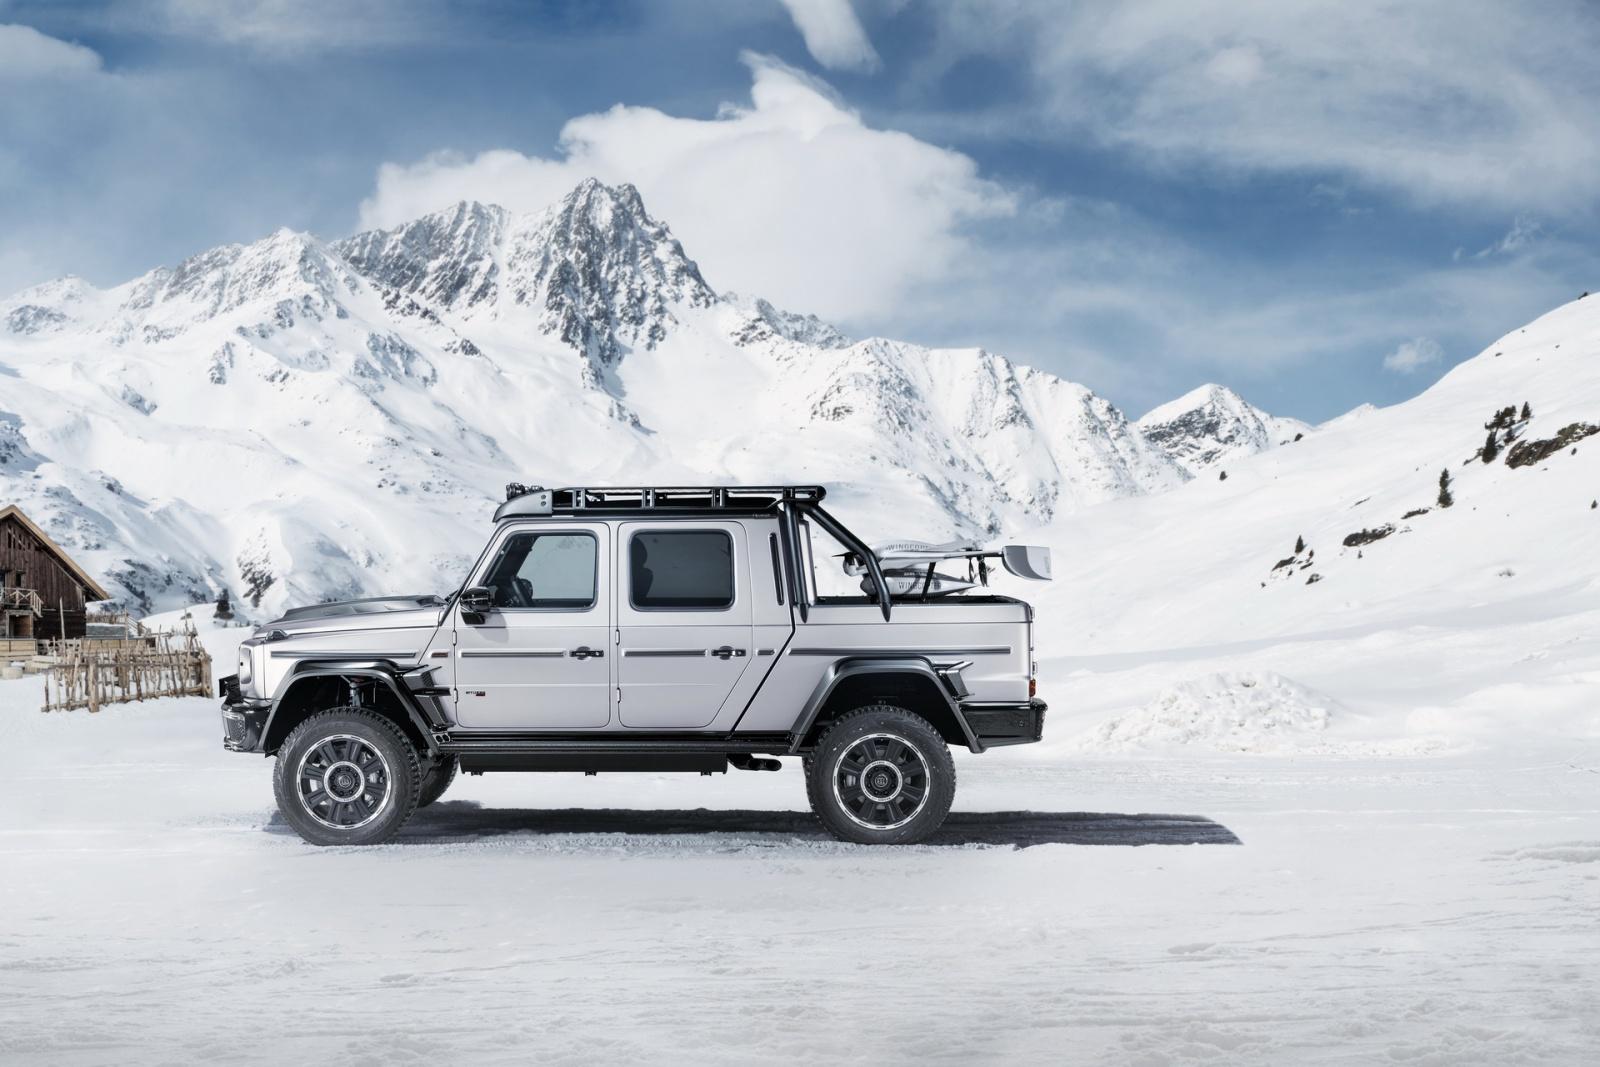 Название: Brabus-800-Adventure-XLP-04.jpg Просмотров: 618  Размер: 408.9 Кб